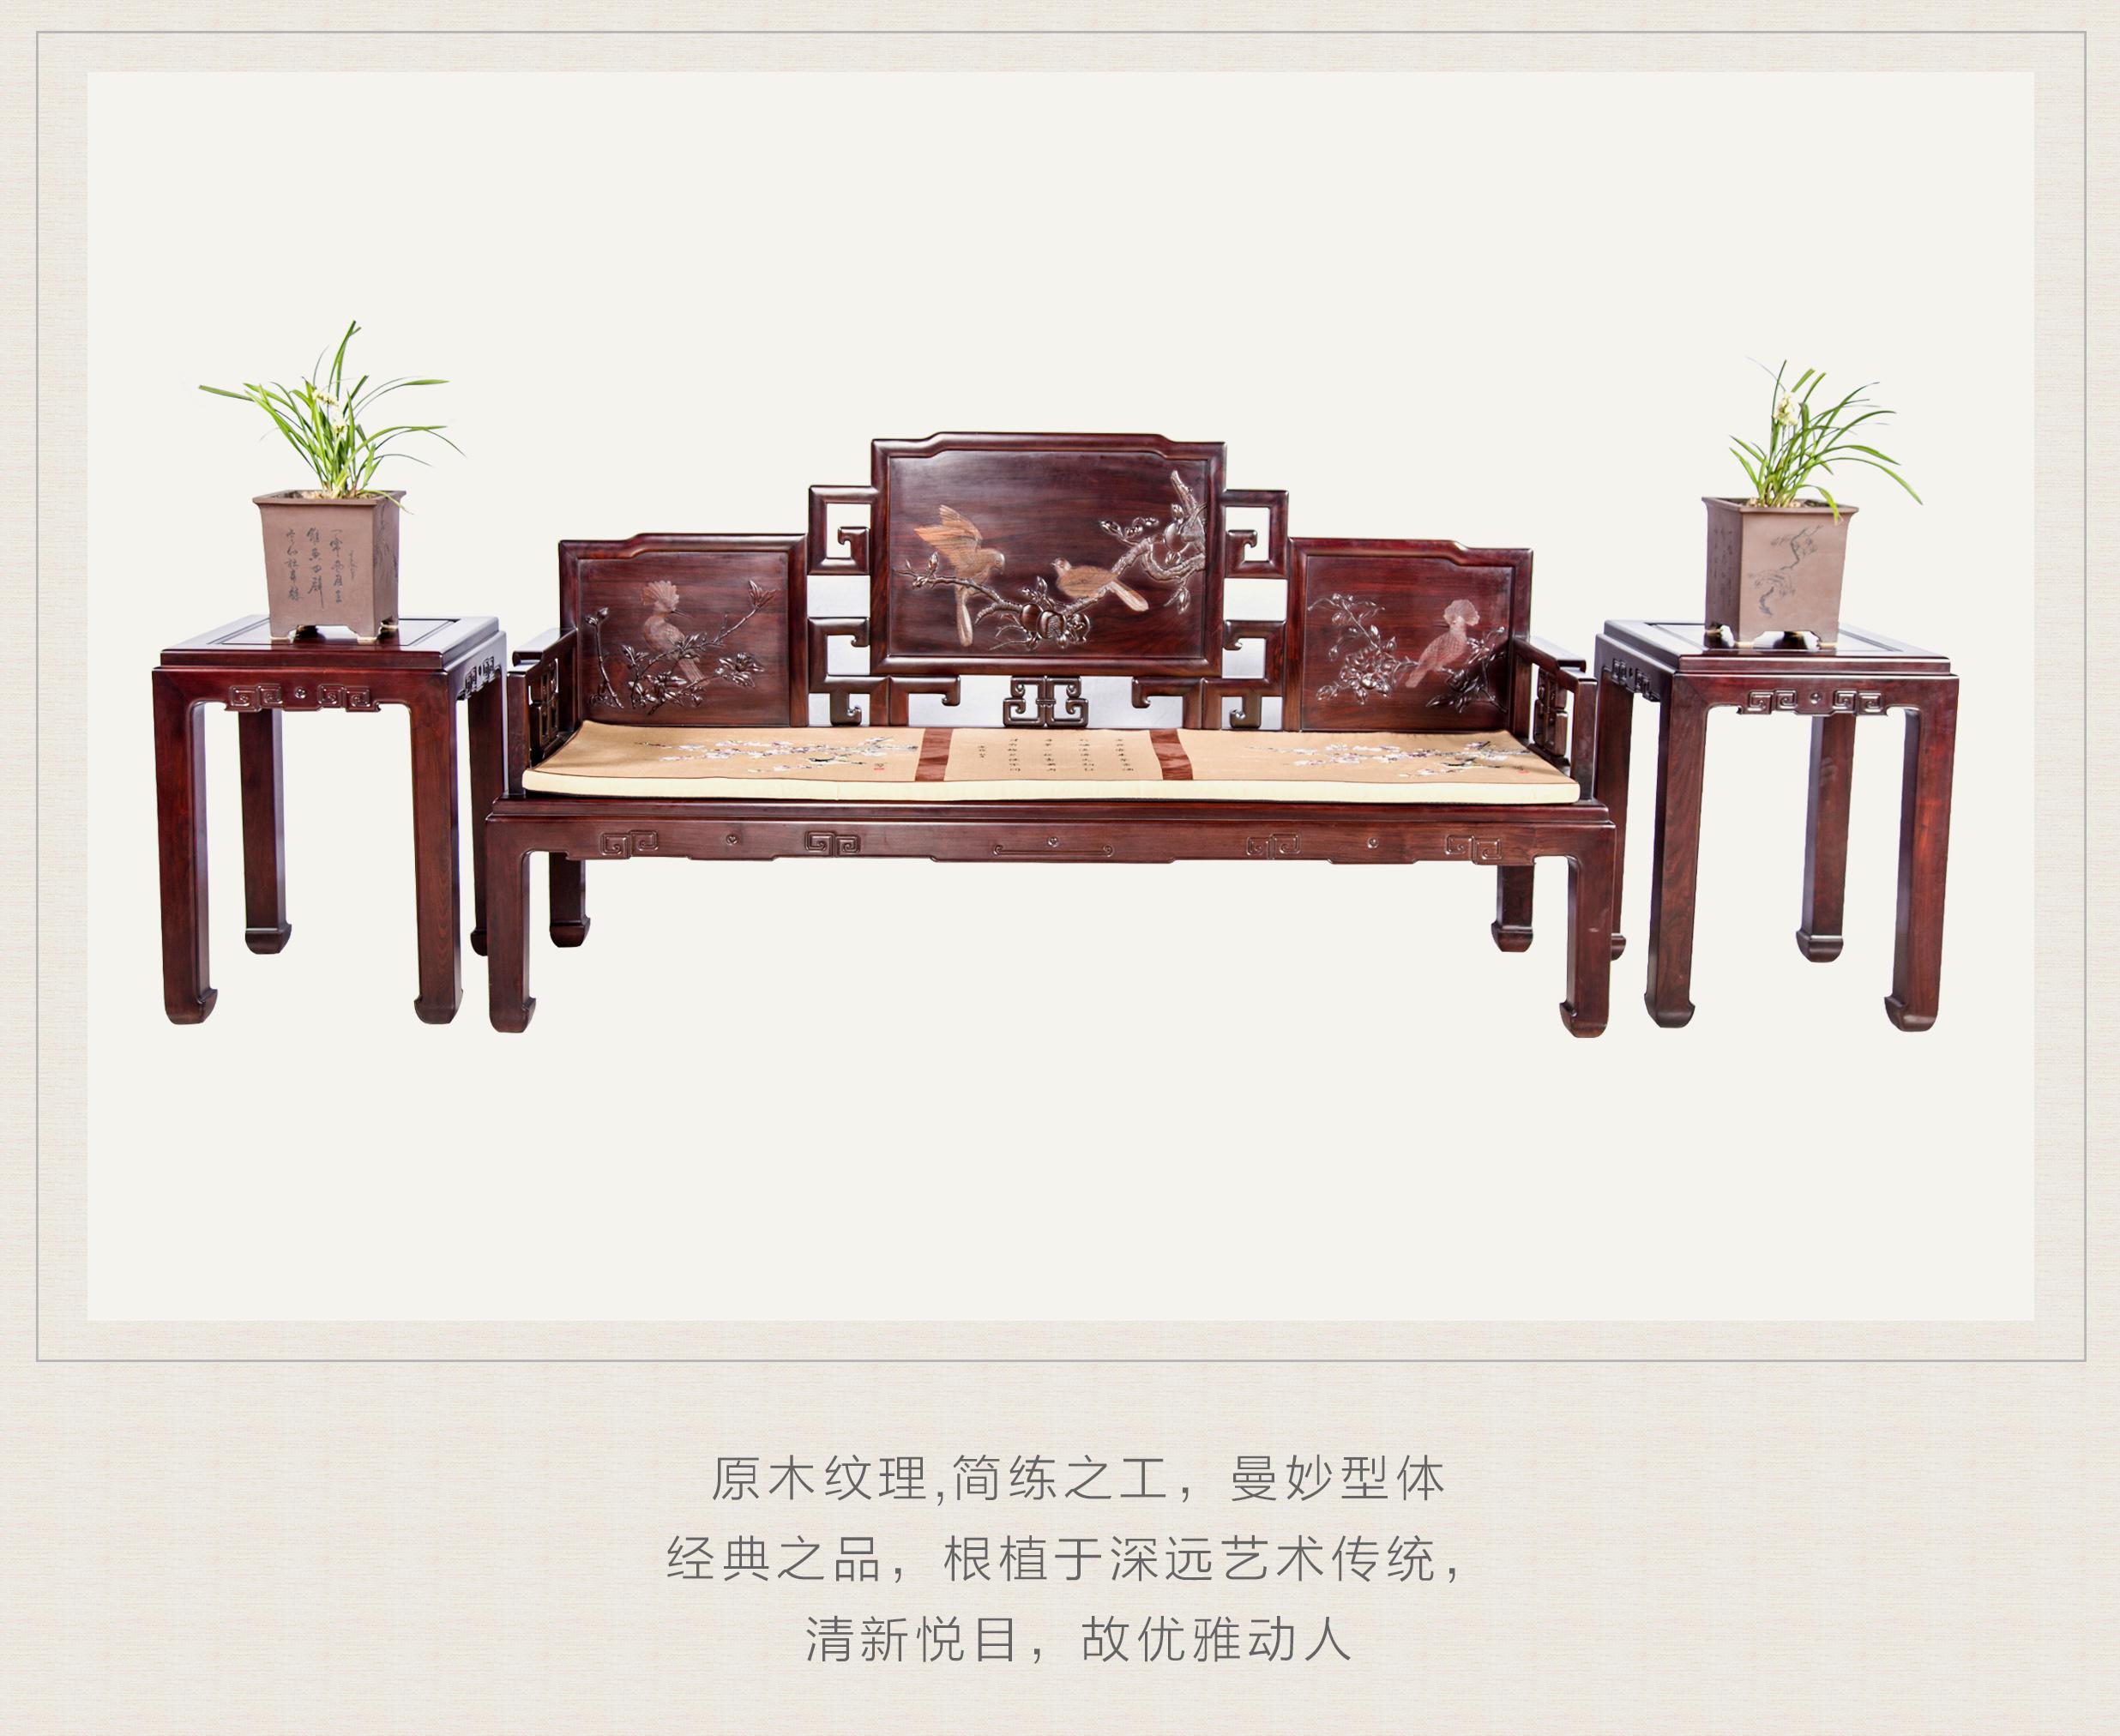 明式沙发八件套_05副本.jpg